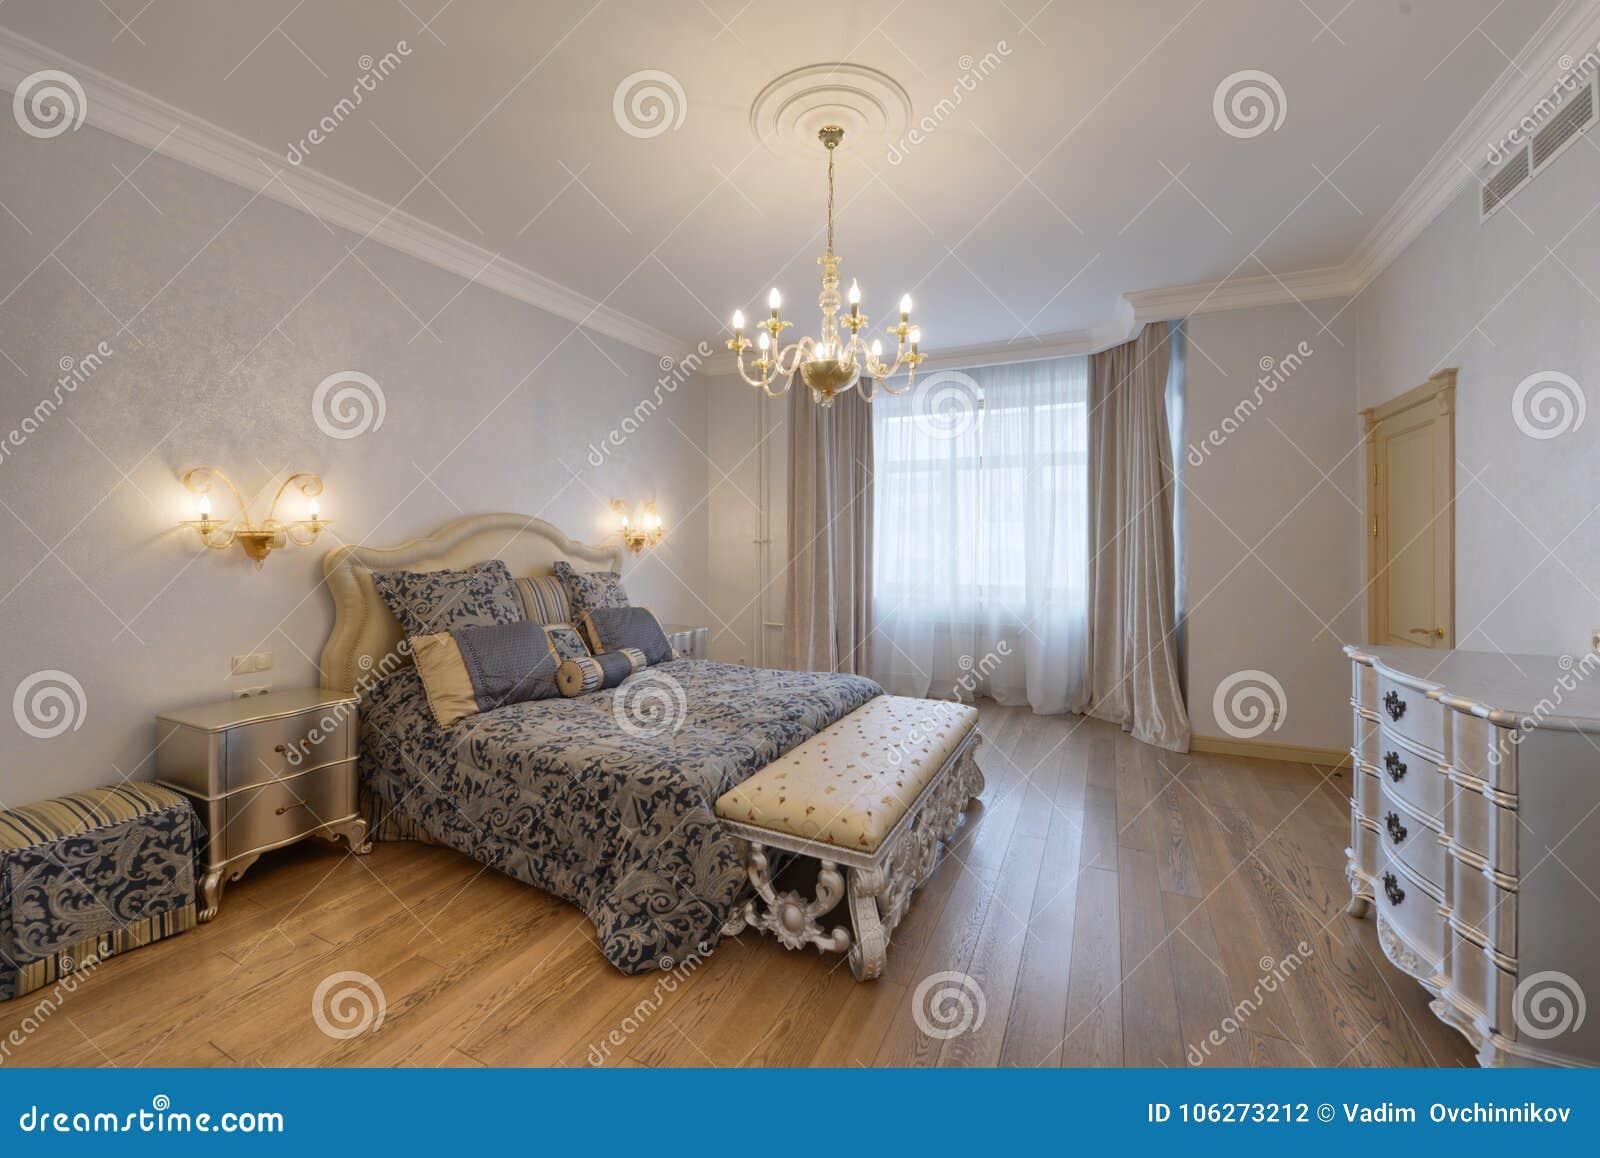 Camera Da Letto Matrimoniale Nuova.Regione Della Russia Mosca Interno Della Camera Da Letto In Una